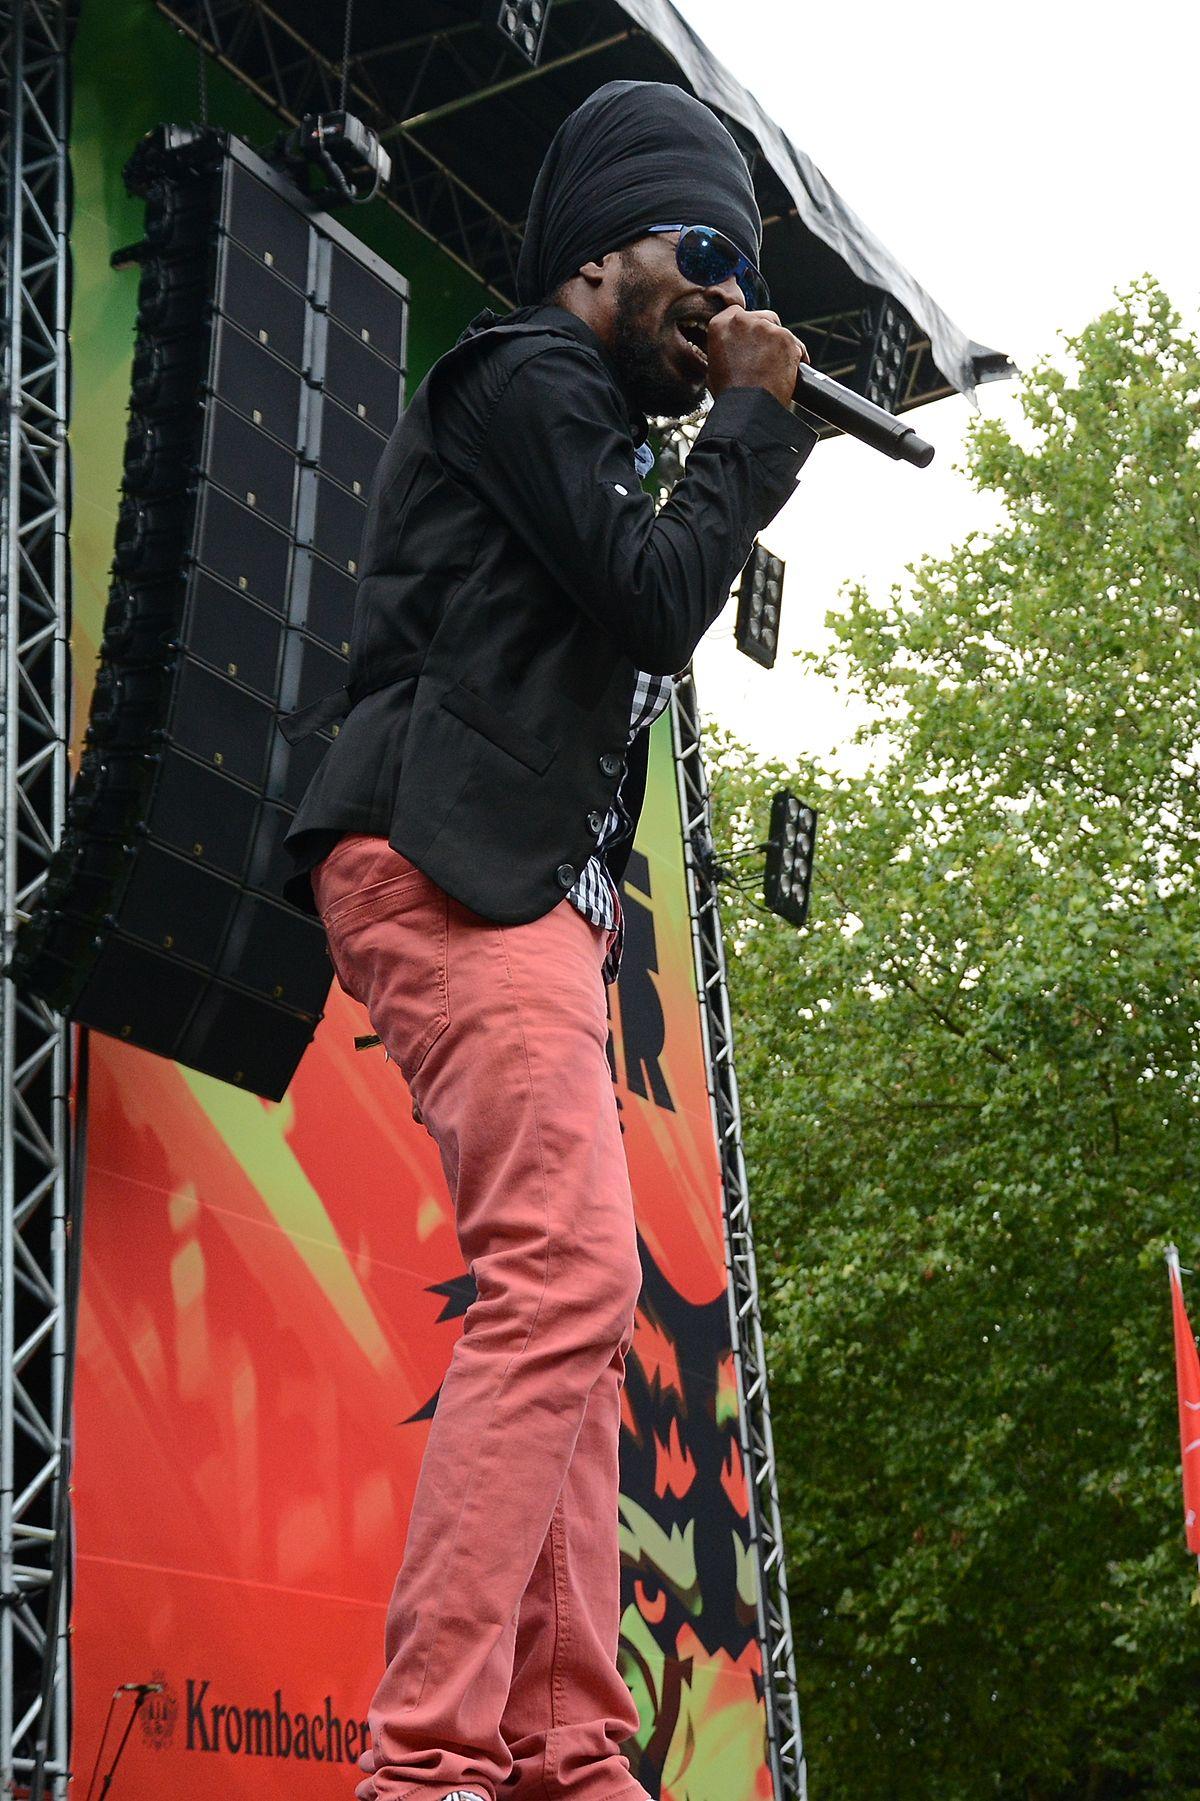 reggae perfect summer musician ruhr wikipedia category muelheim wikimedia commons singer upload